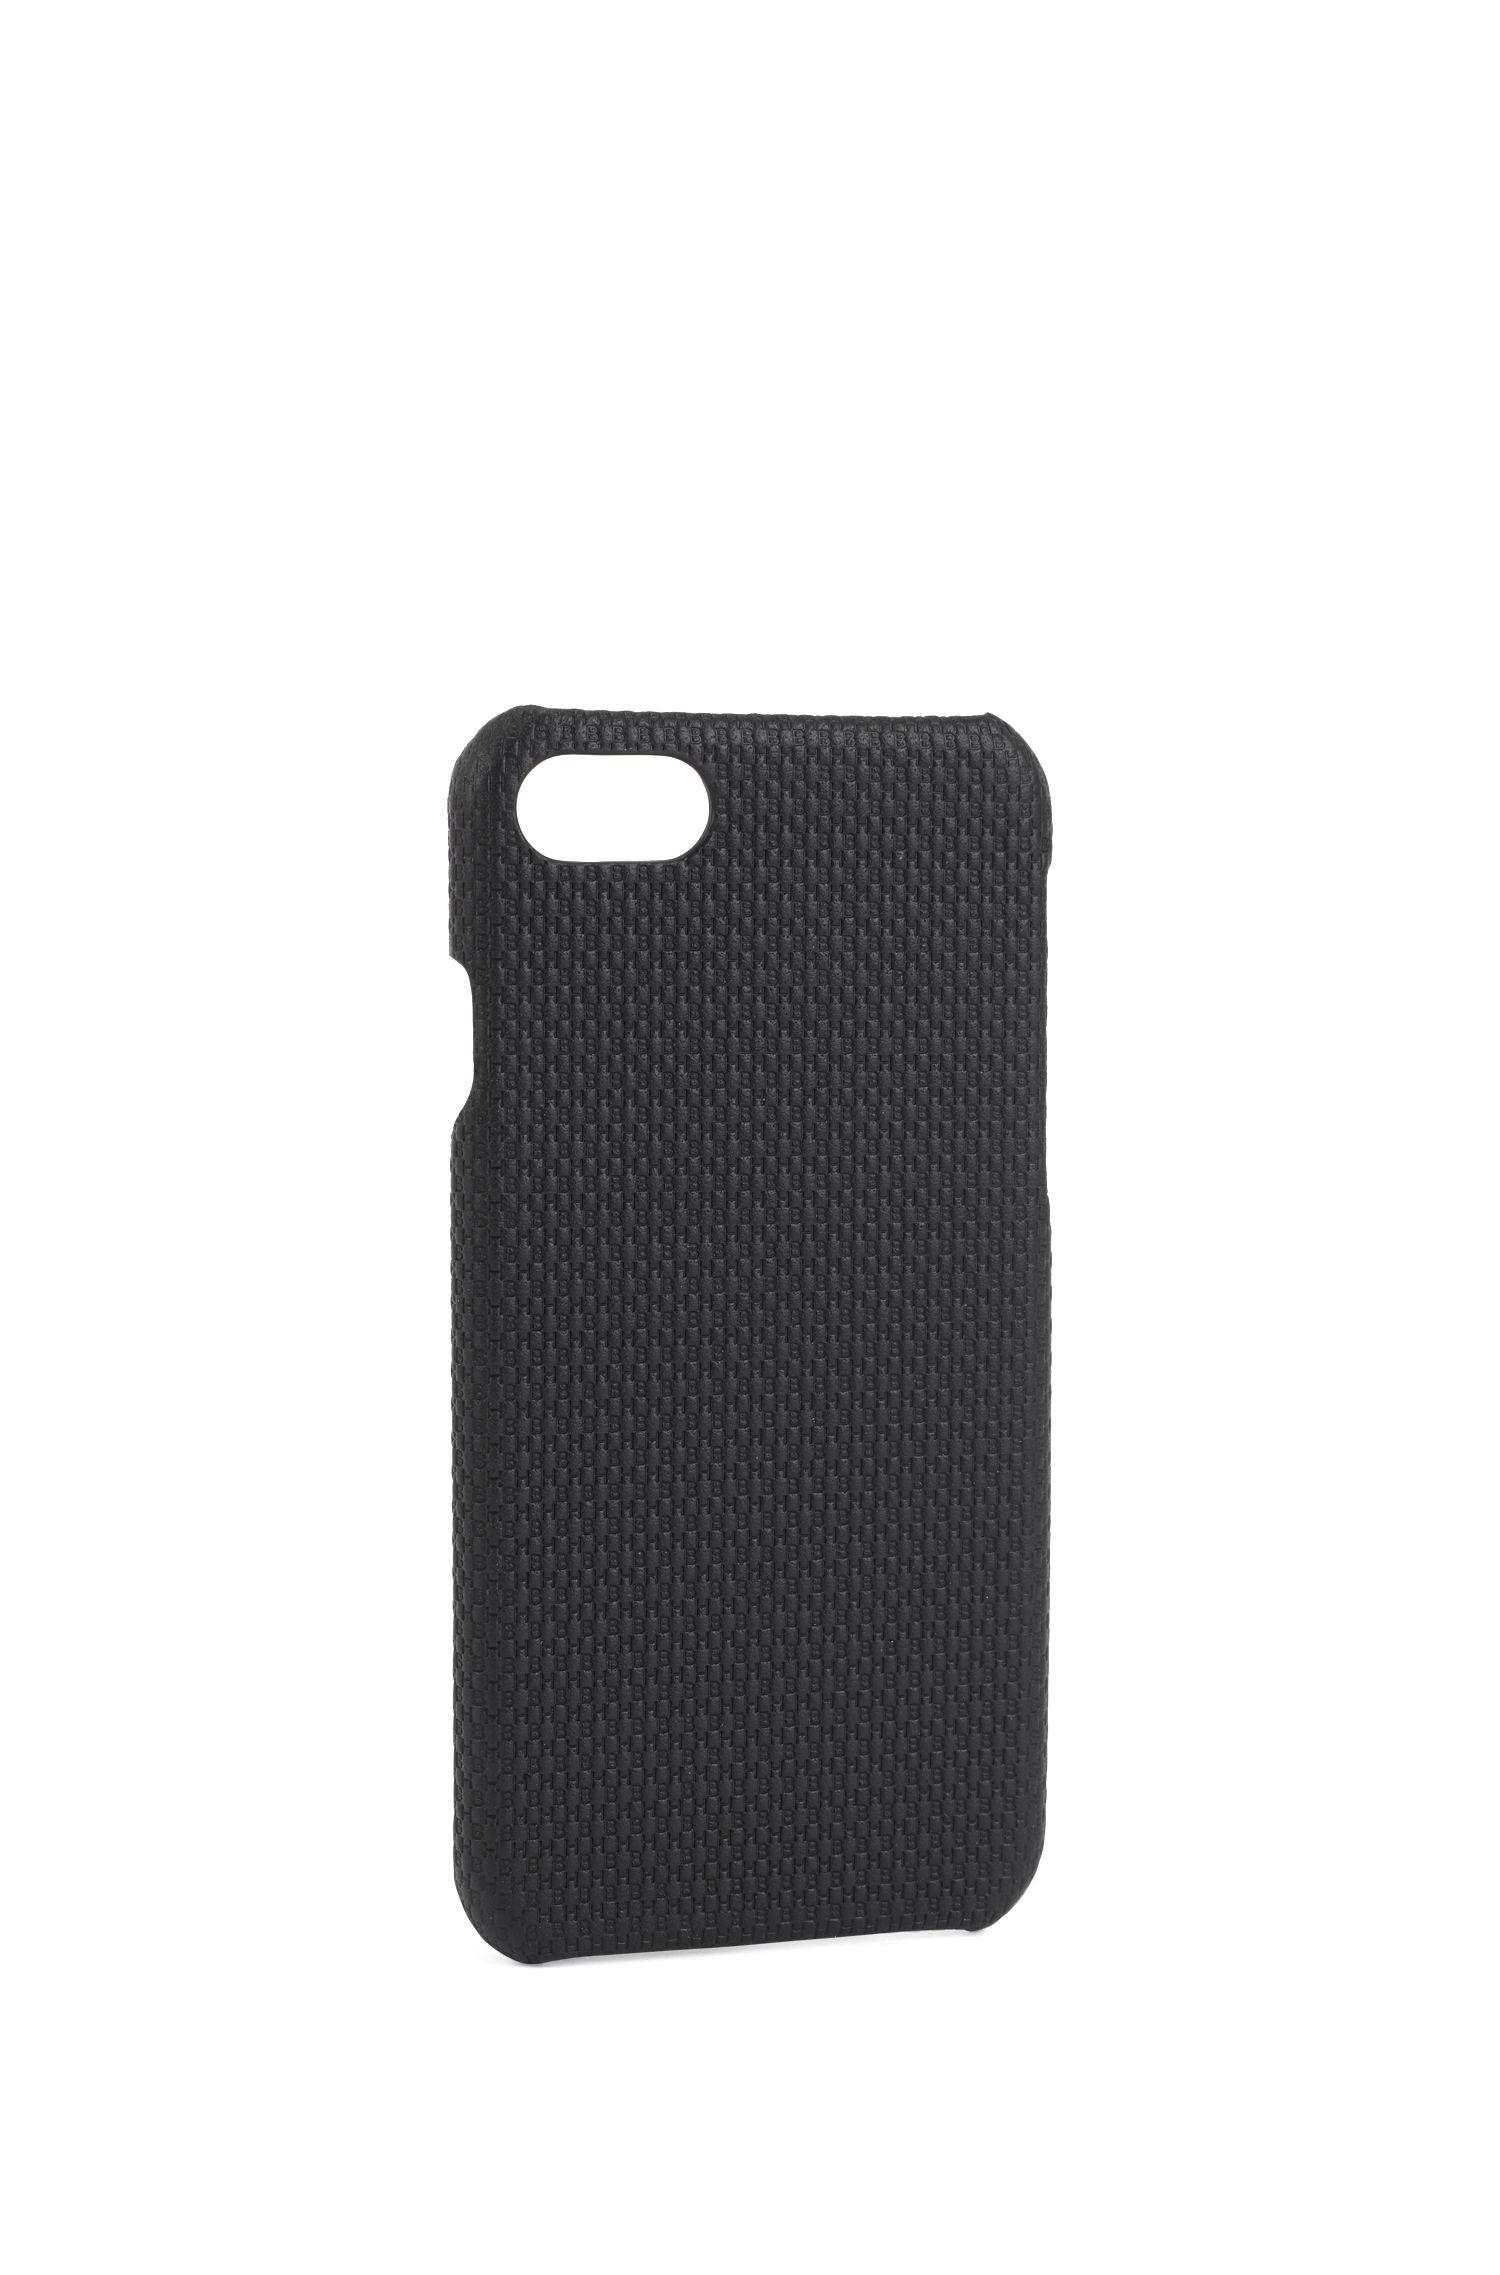 Coque pour iPhone8 en cuir monogrammé, Noir